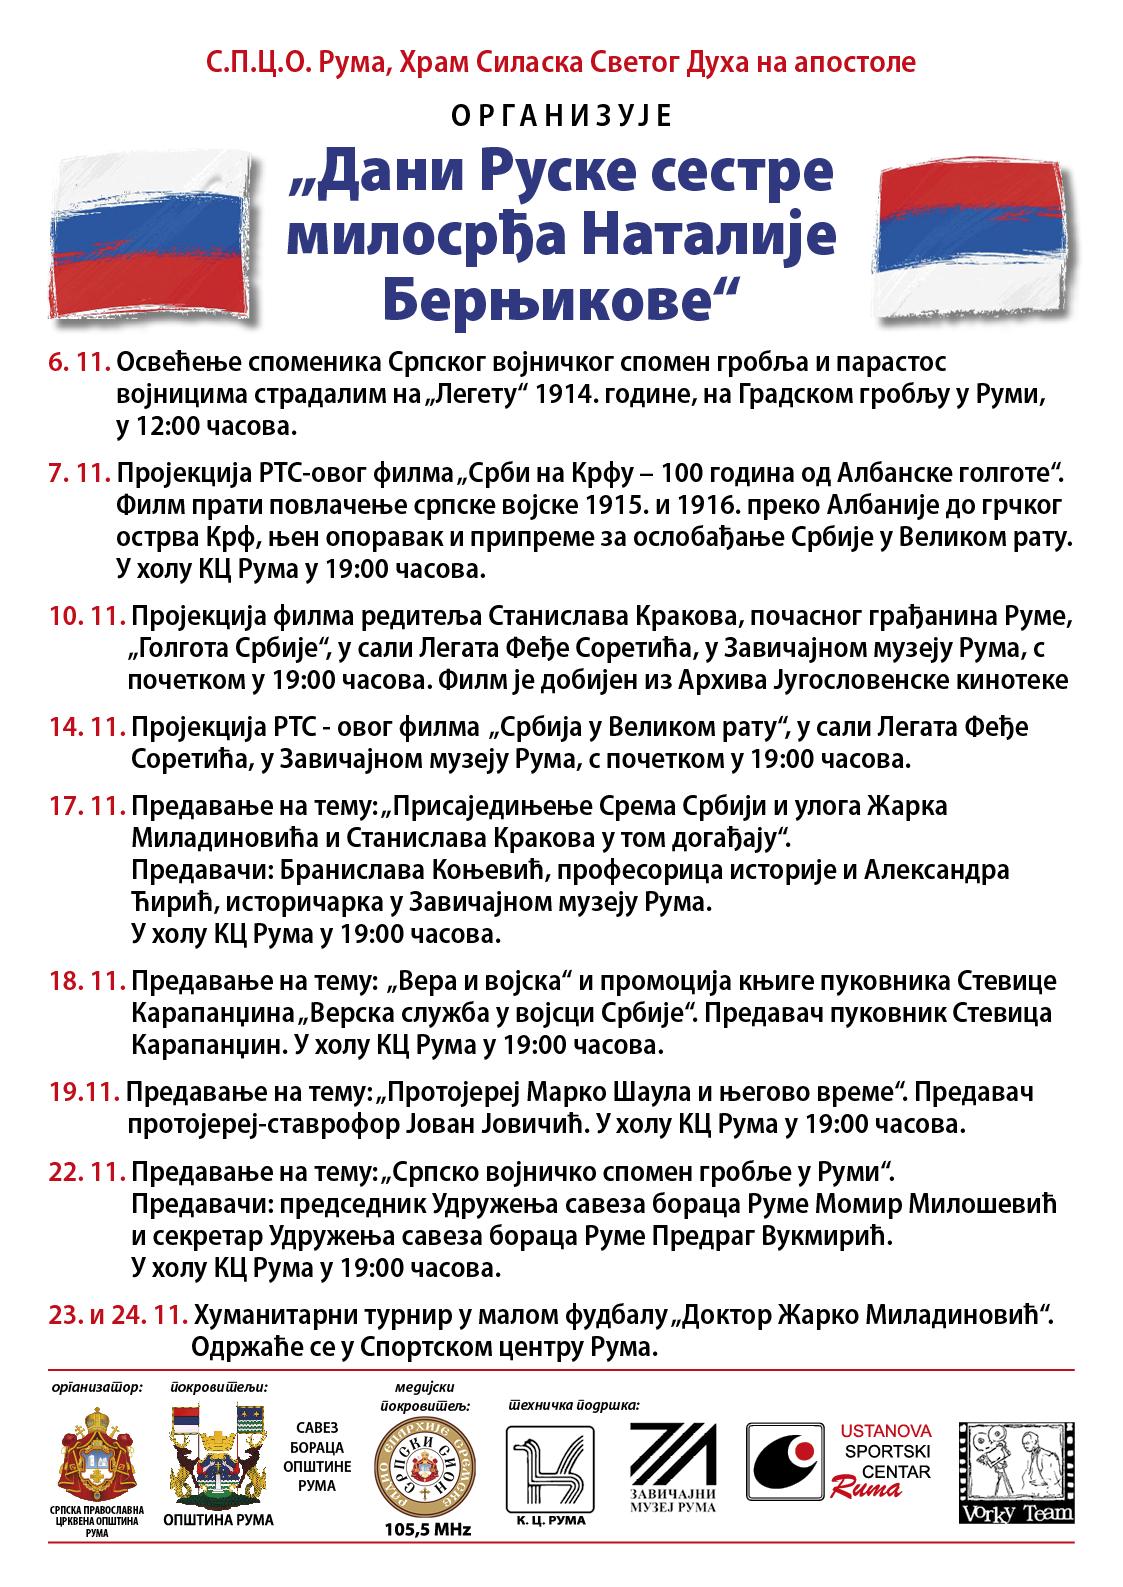 """Предавање на тему """"Српско војничко Спомен гробље у Руми"""""""